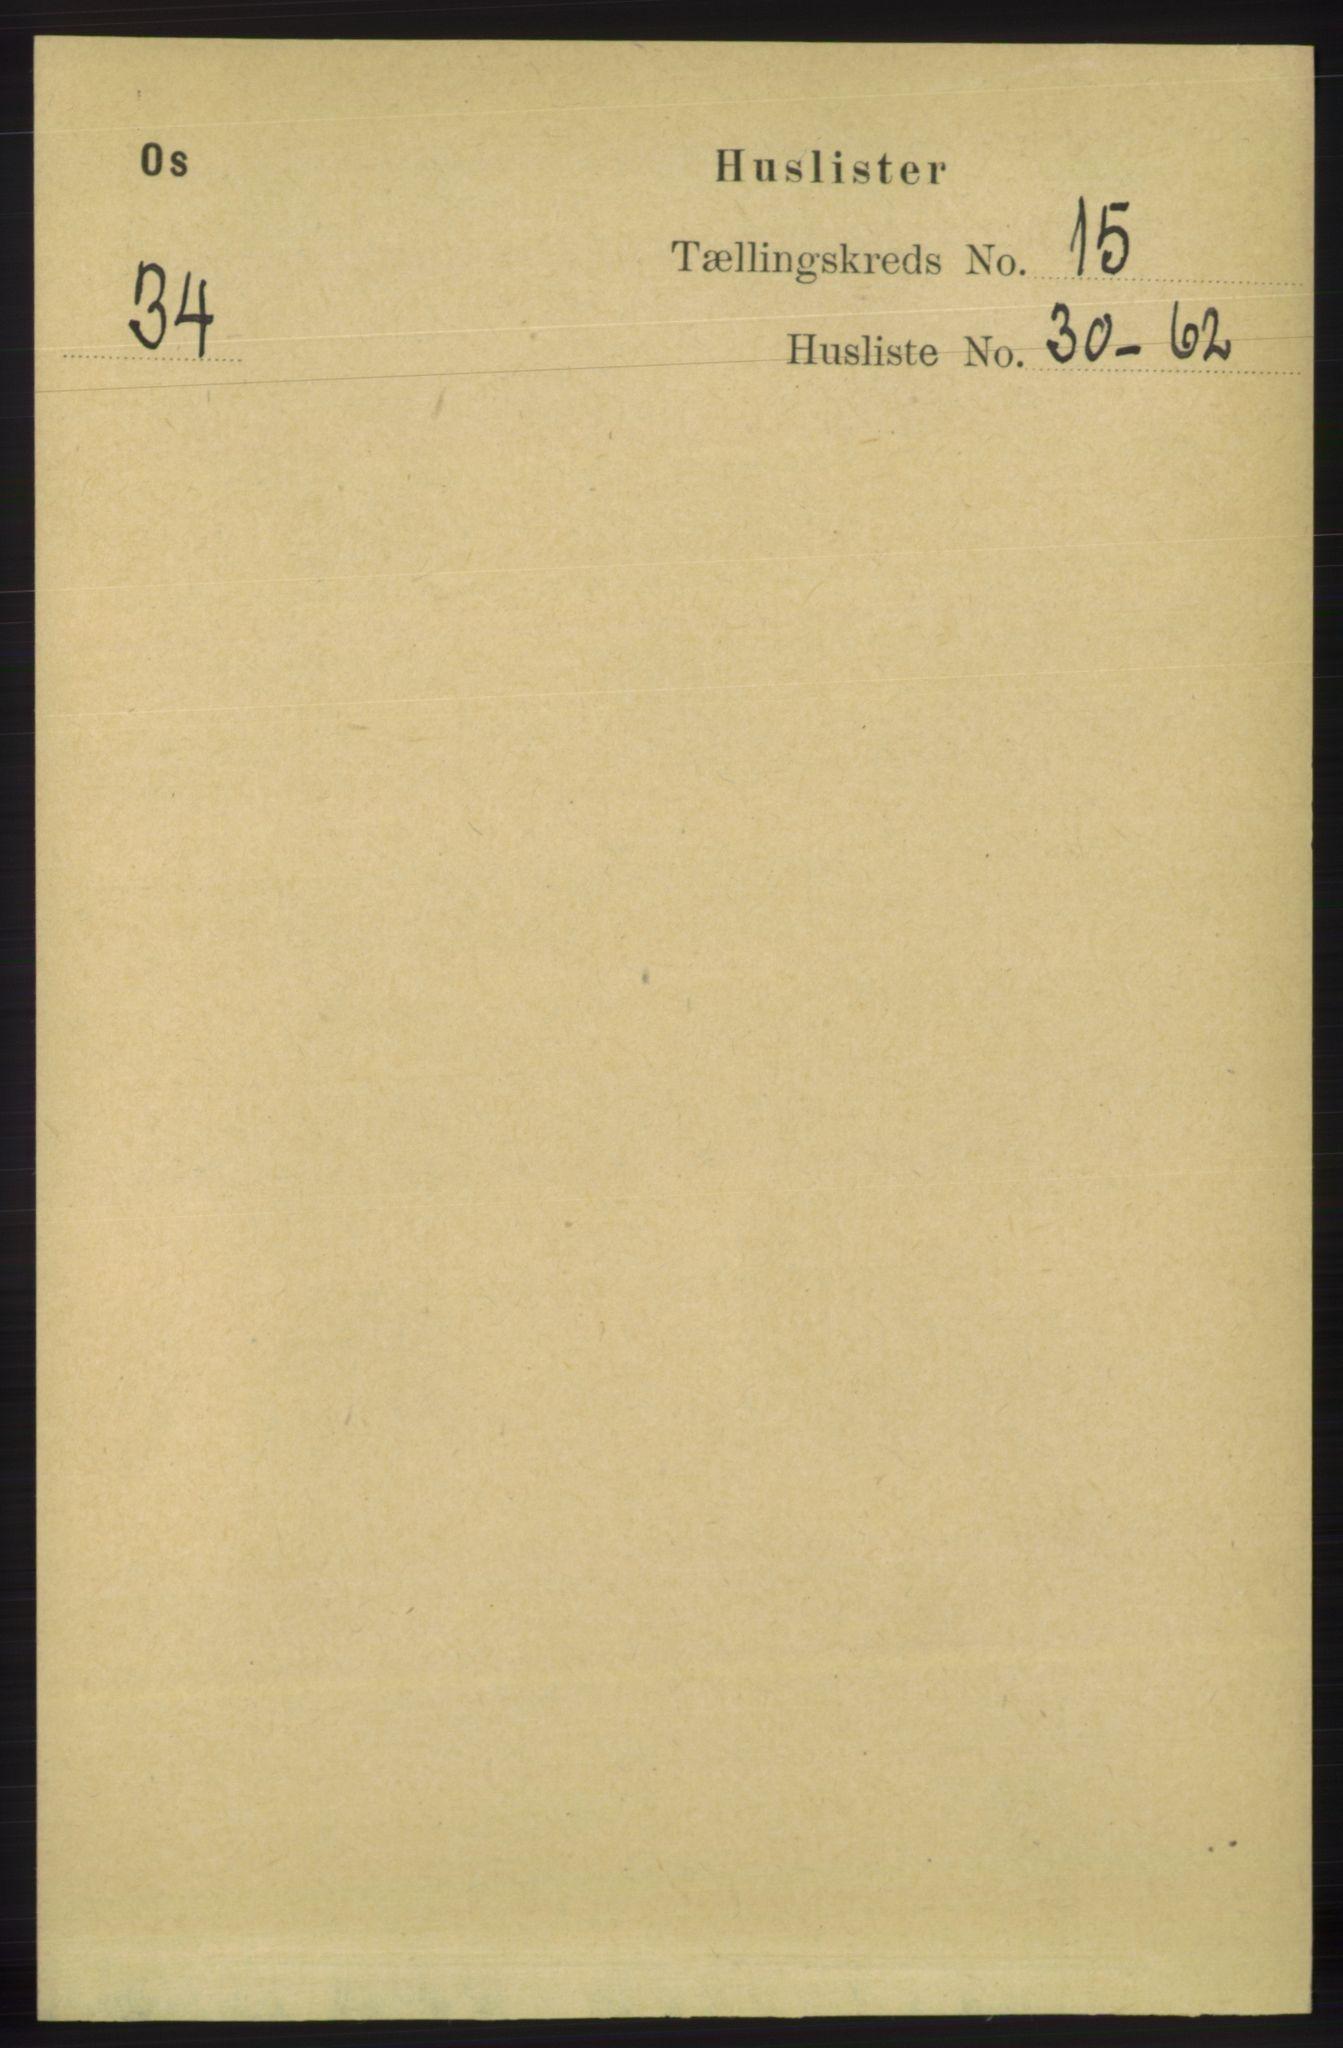 RA, Folketelling 1891 for 1243 Os herred, 1891, s. 3254